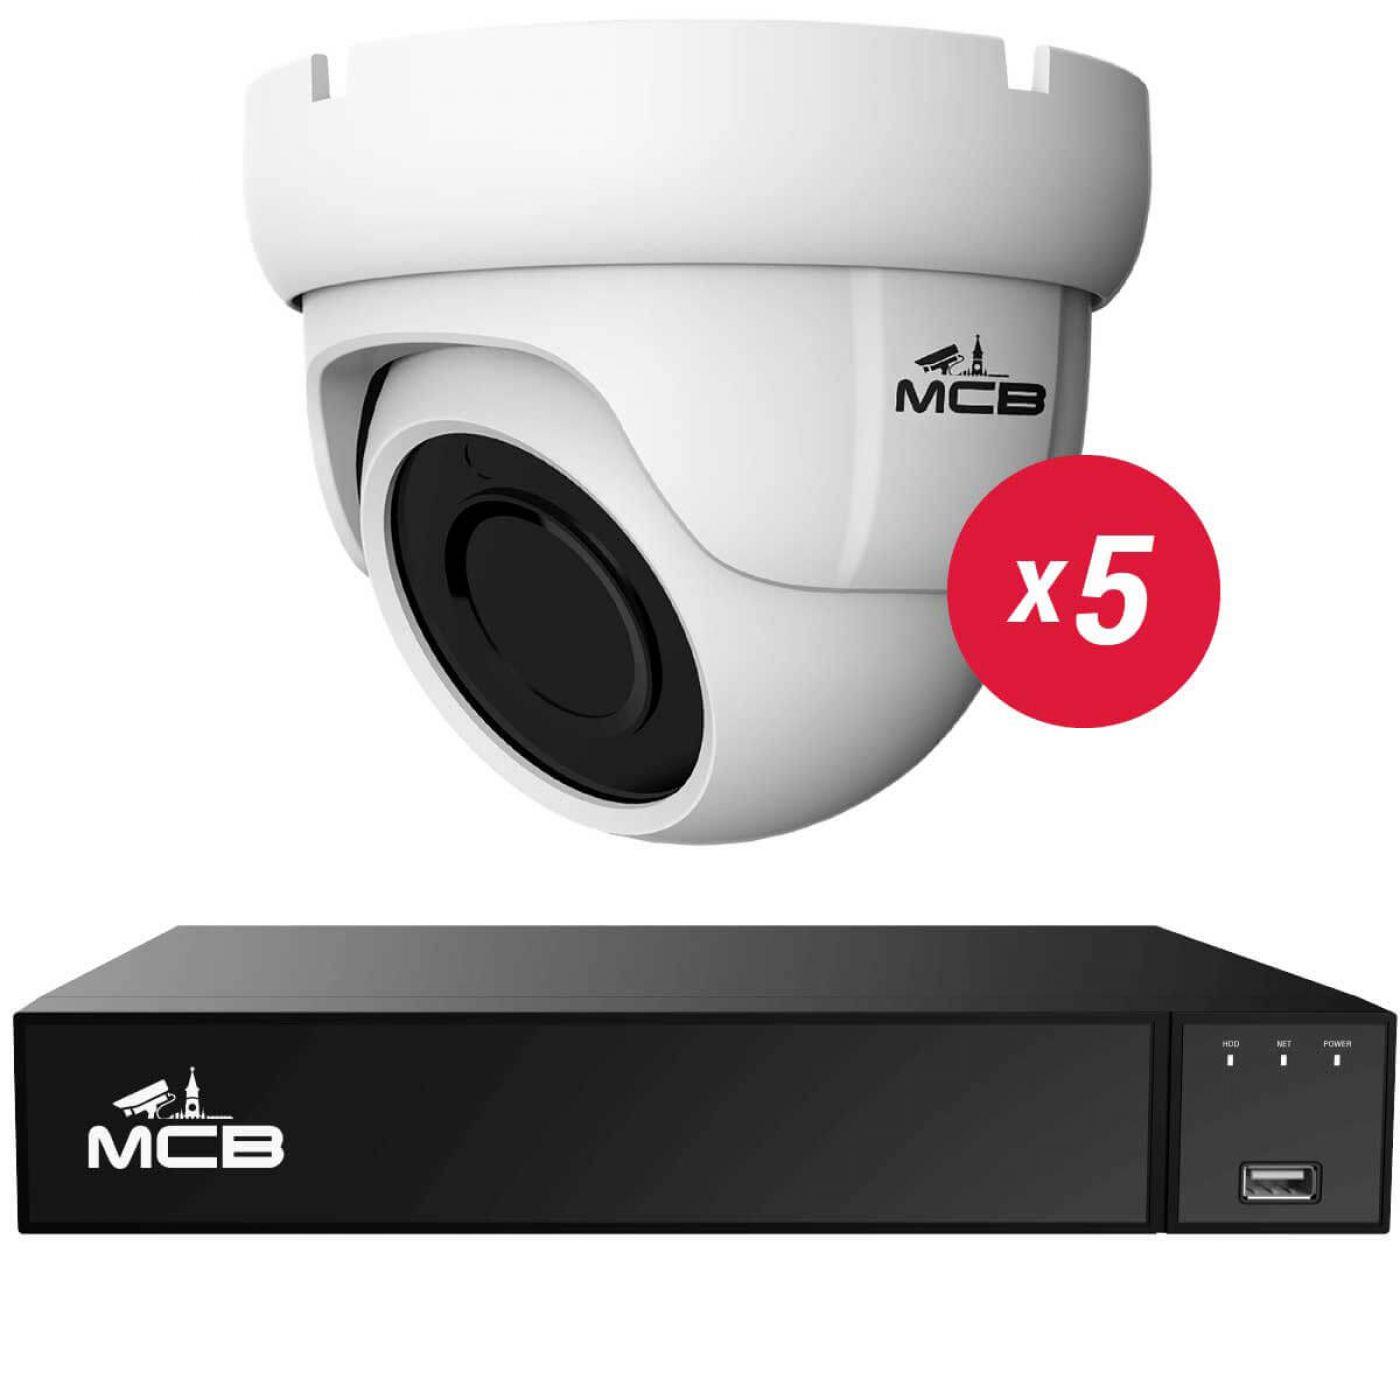 Комплект видеонаблюдения для помещения на 5 камер 5 Мегапикселей